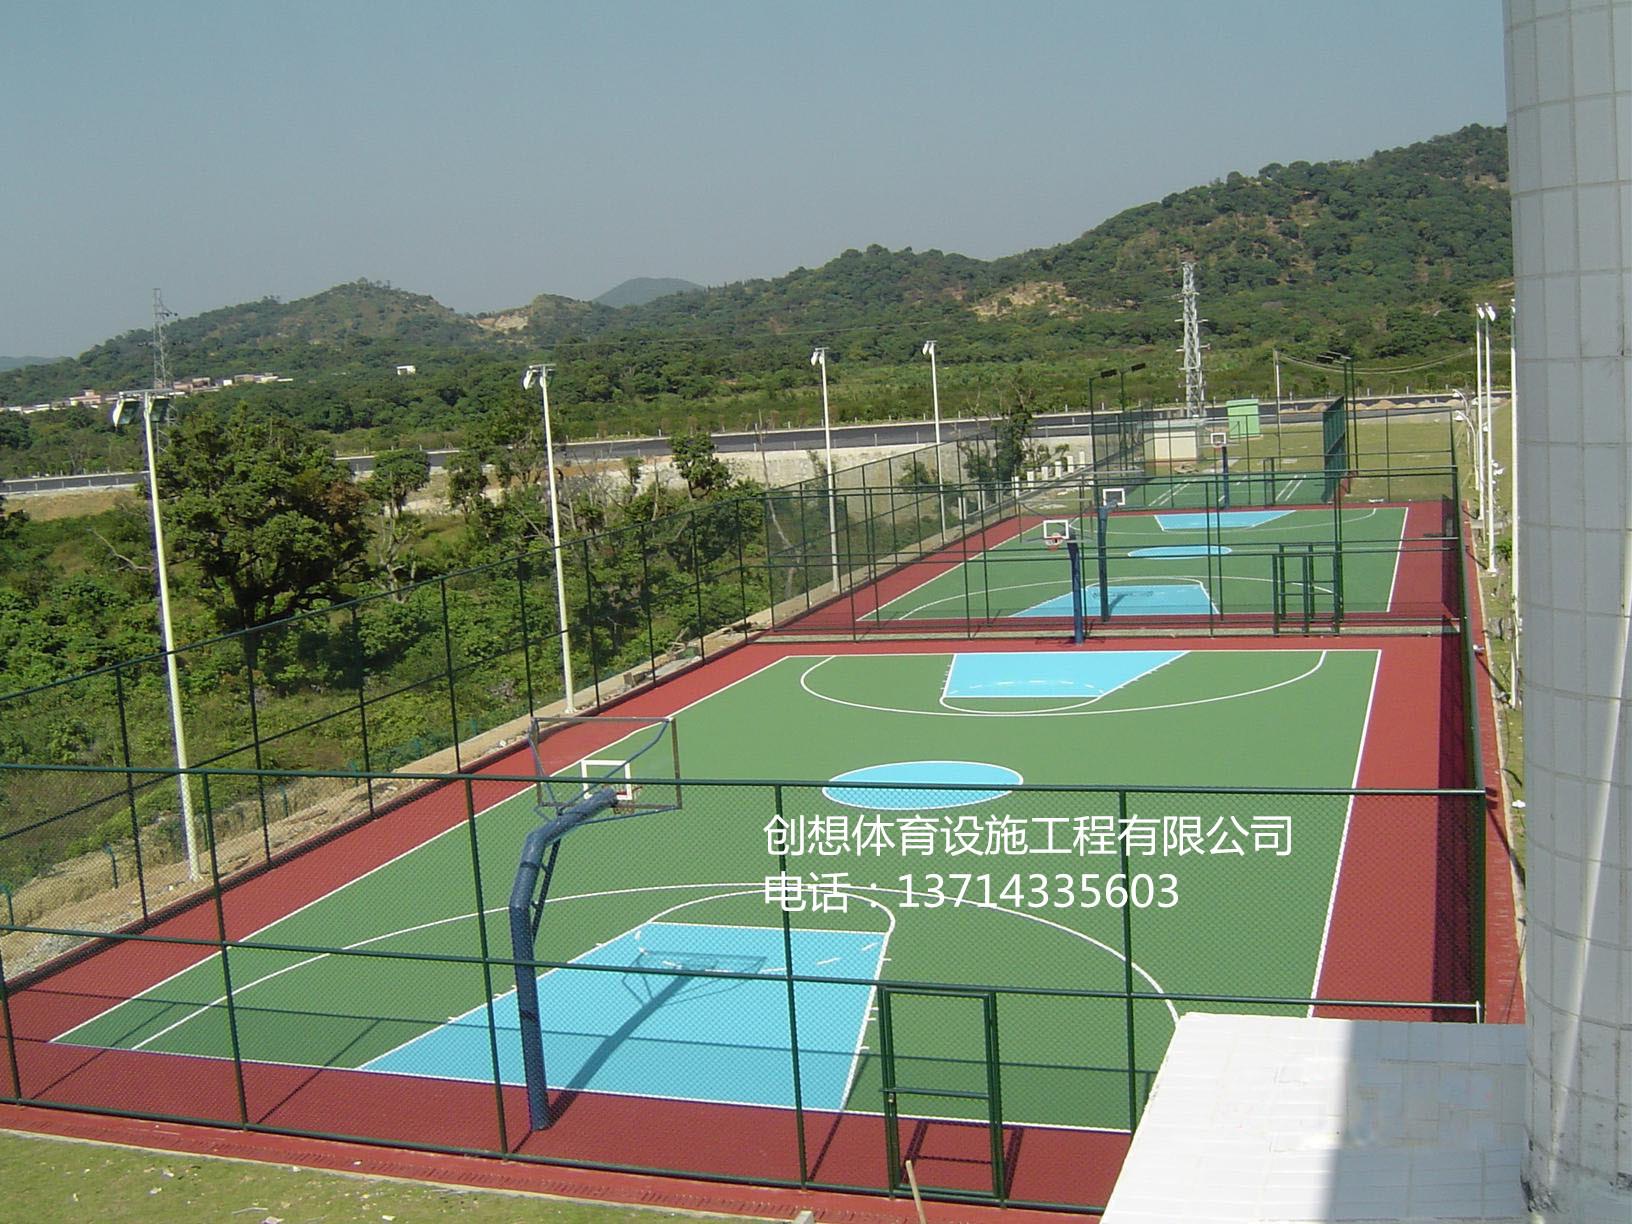 深圳篮球场哪家好